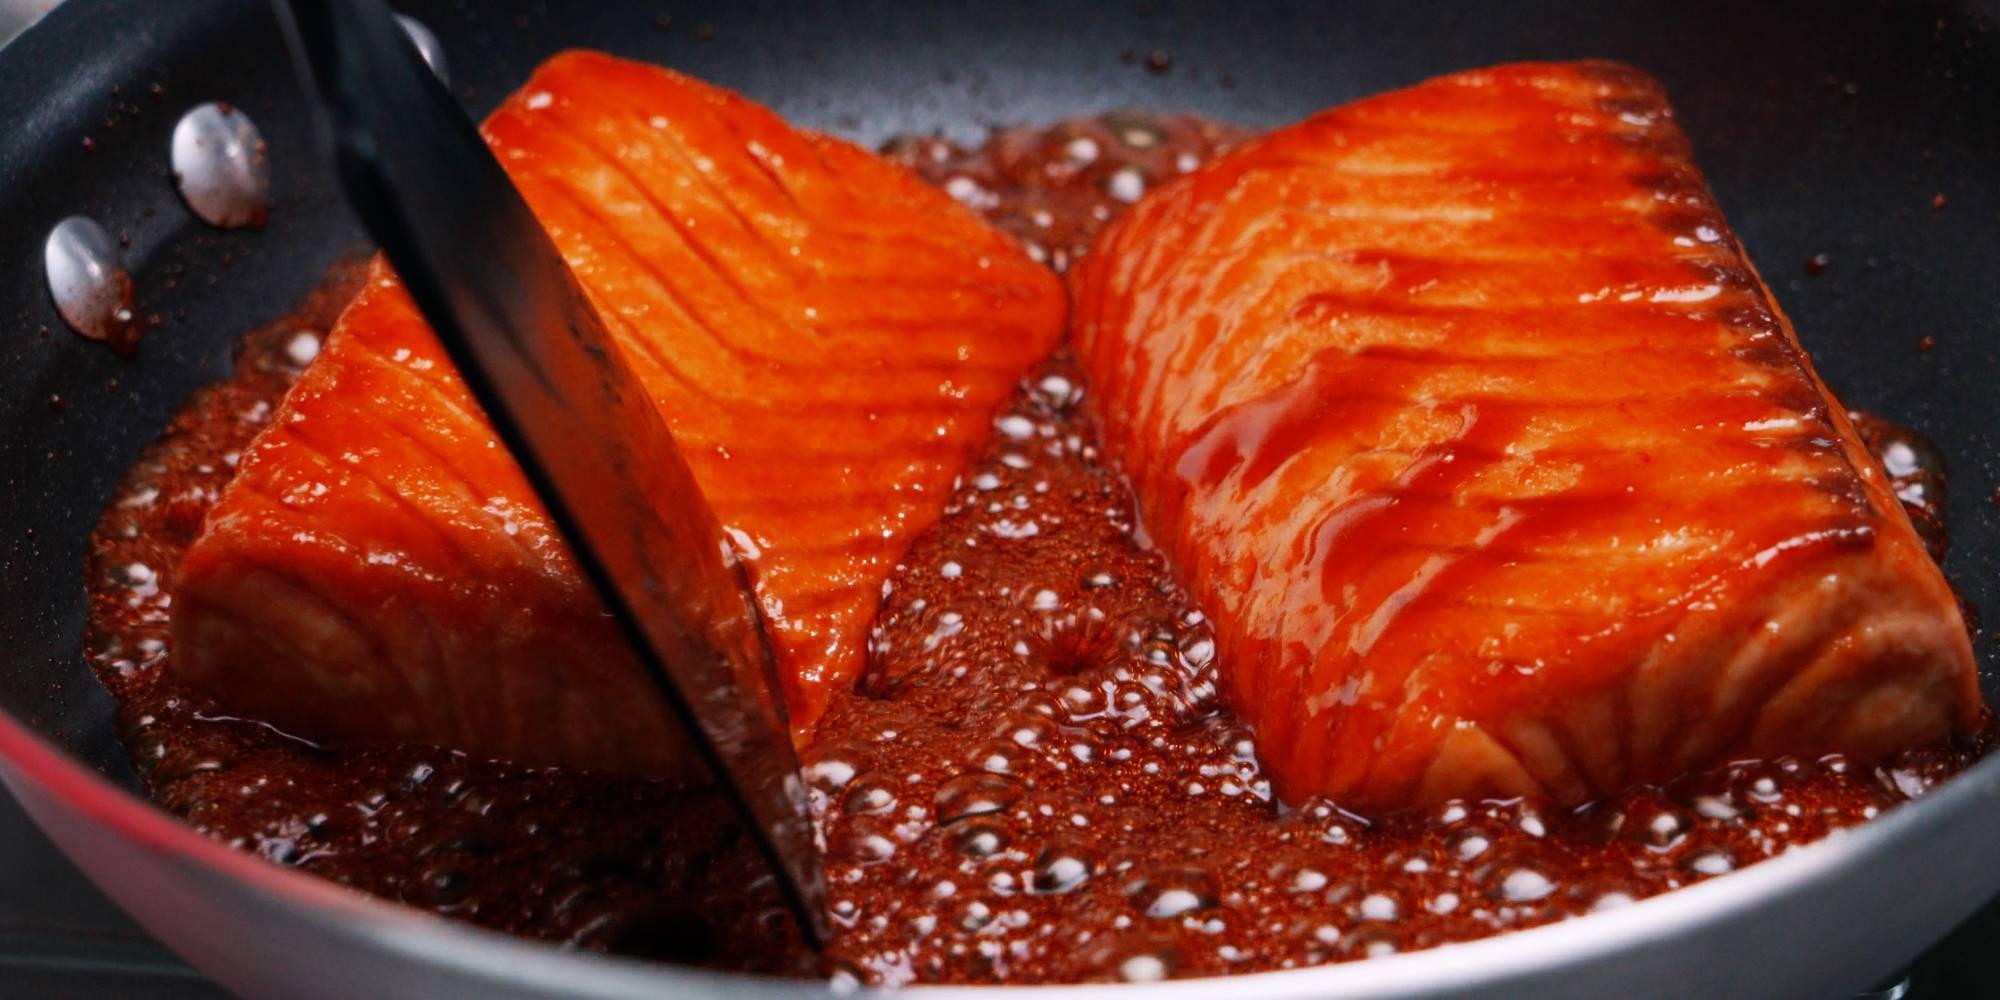 Teriyaki salmon being glazed with teriyaki sauce.